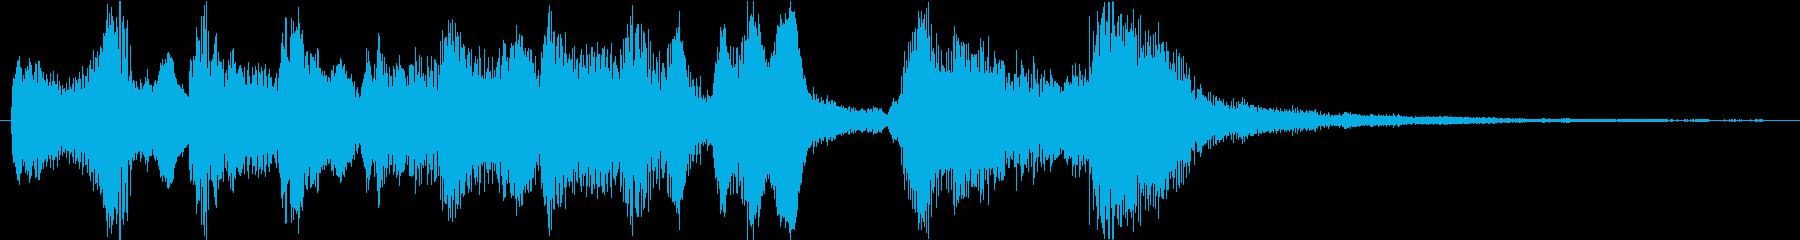 ゲームオーバー 失敗 不正解 コミカルの再生済みの波形